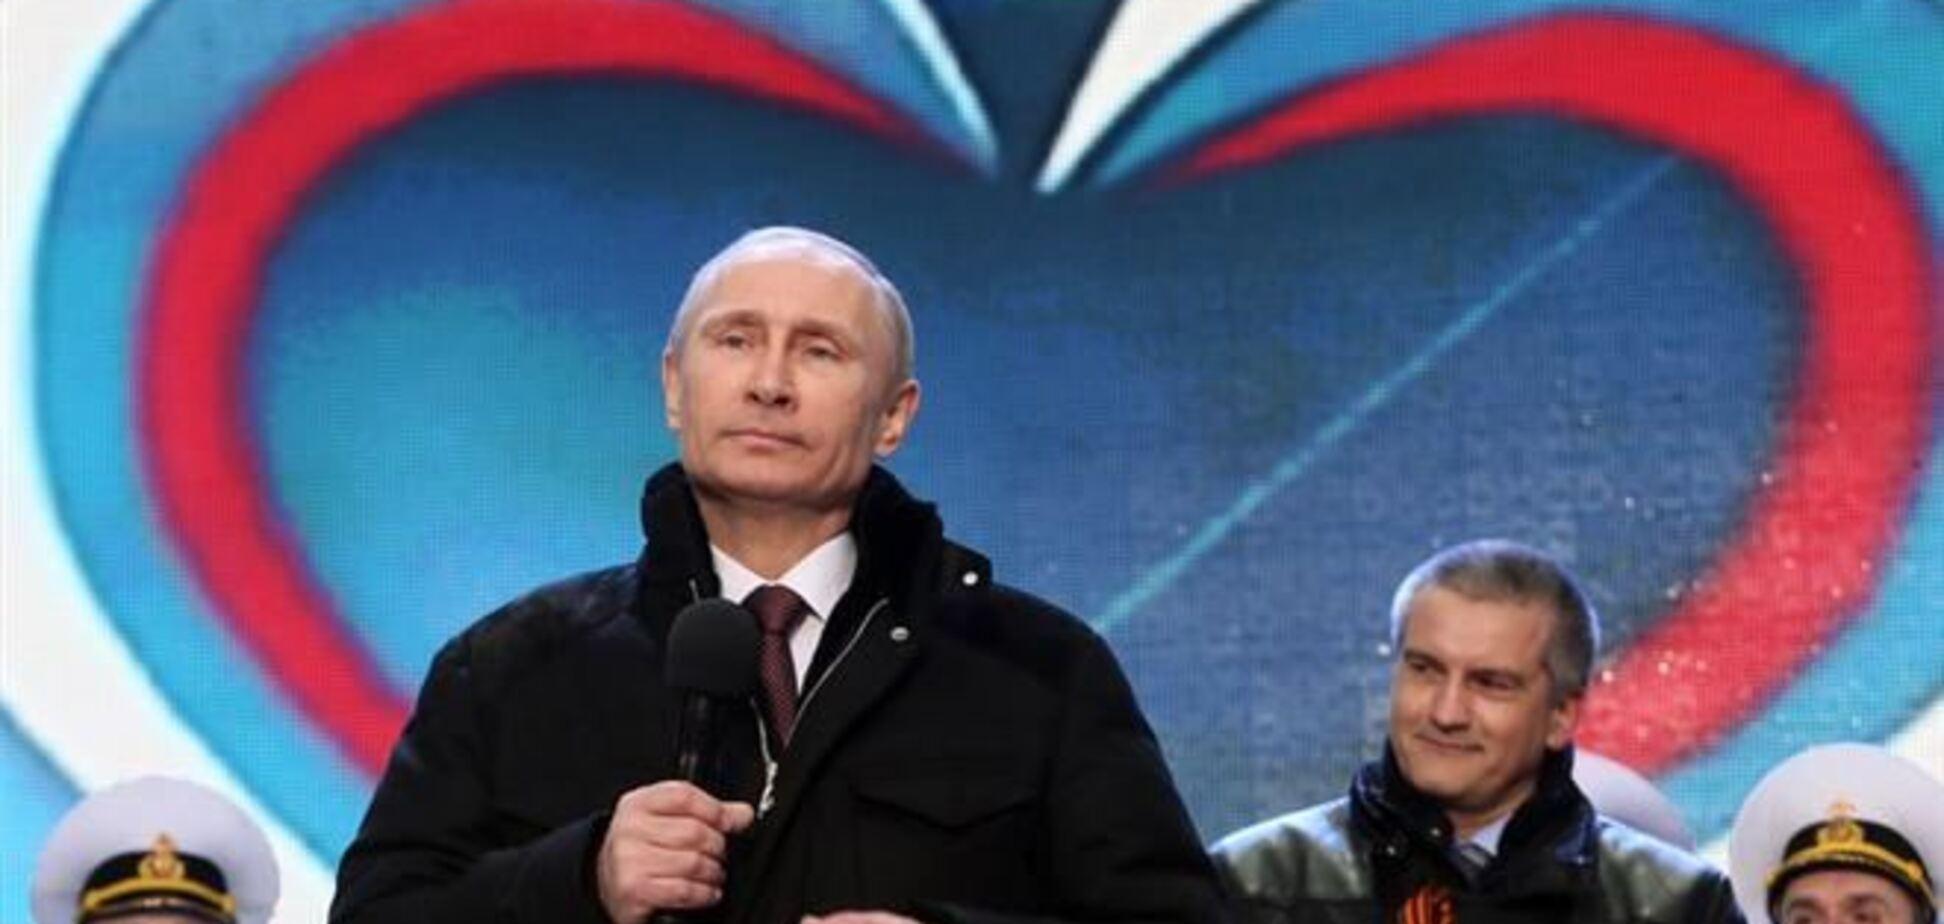 'Добре тепер в Криму тільки Вові одному'. Фотожаби